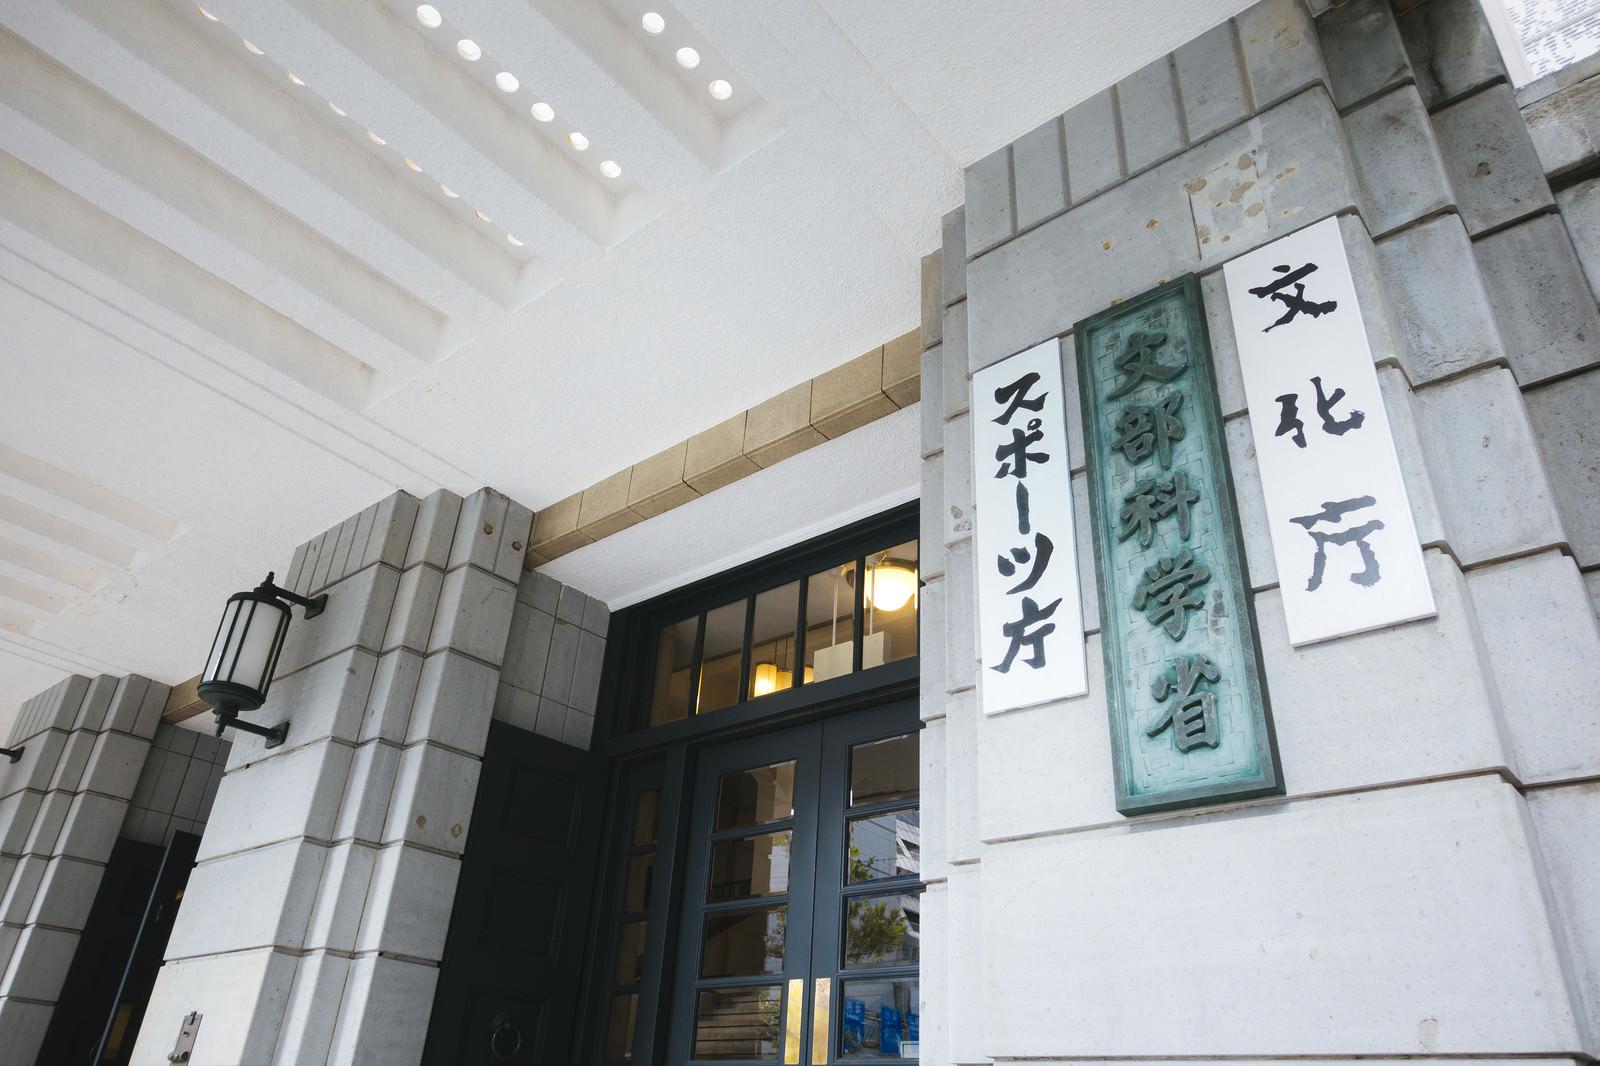 「文部科学省(スポーツ庁、文化庁)の入り口」の写真